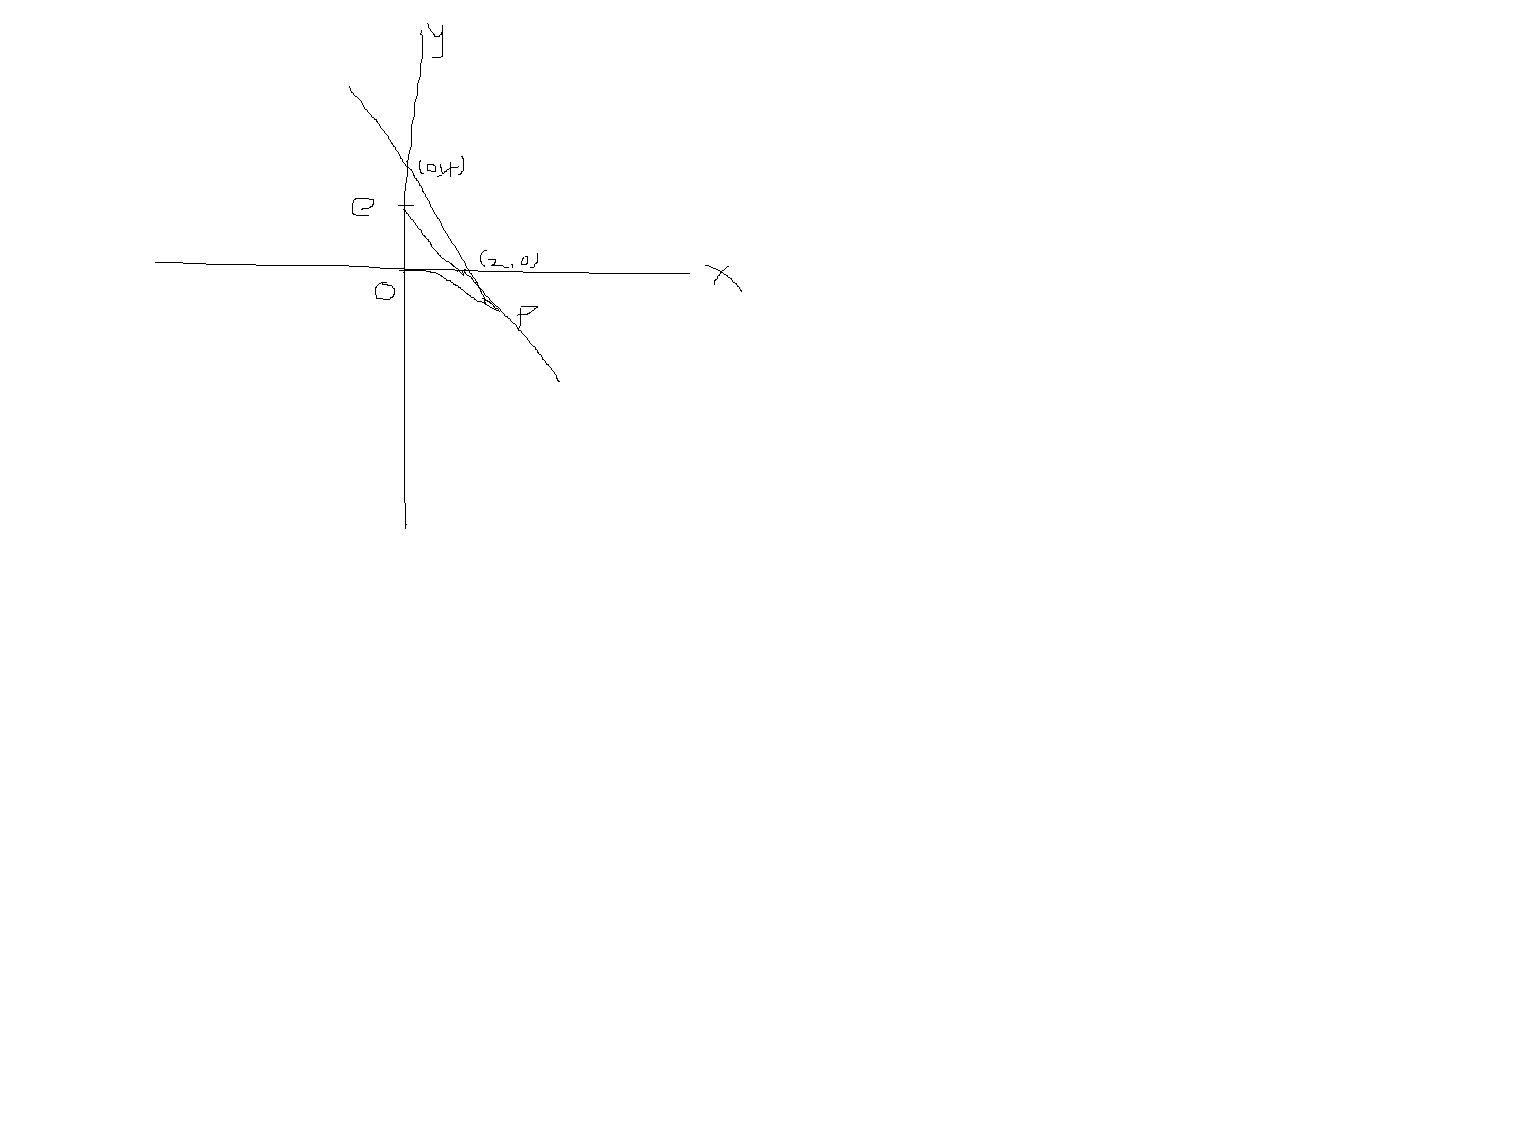 月经量��l$y�#�.b:,��!_如图,已知直线l:y=-2x+4交 x,y轴于点a,b,点e是y轴上一点,e坐标为(0,3